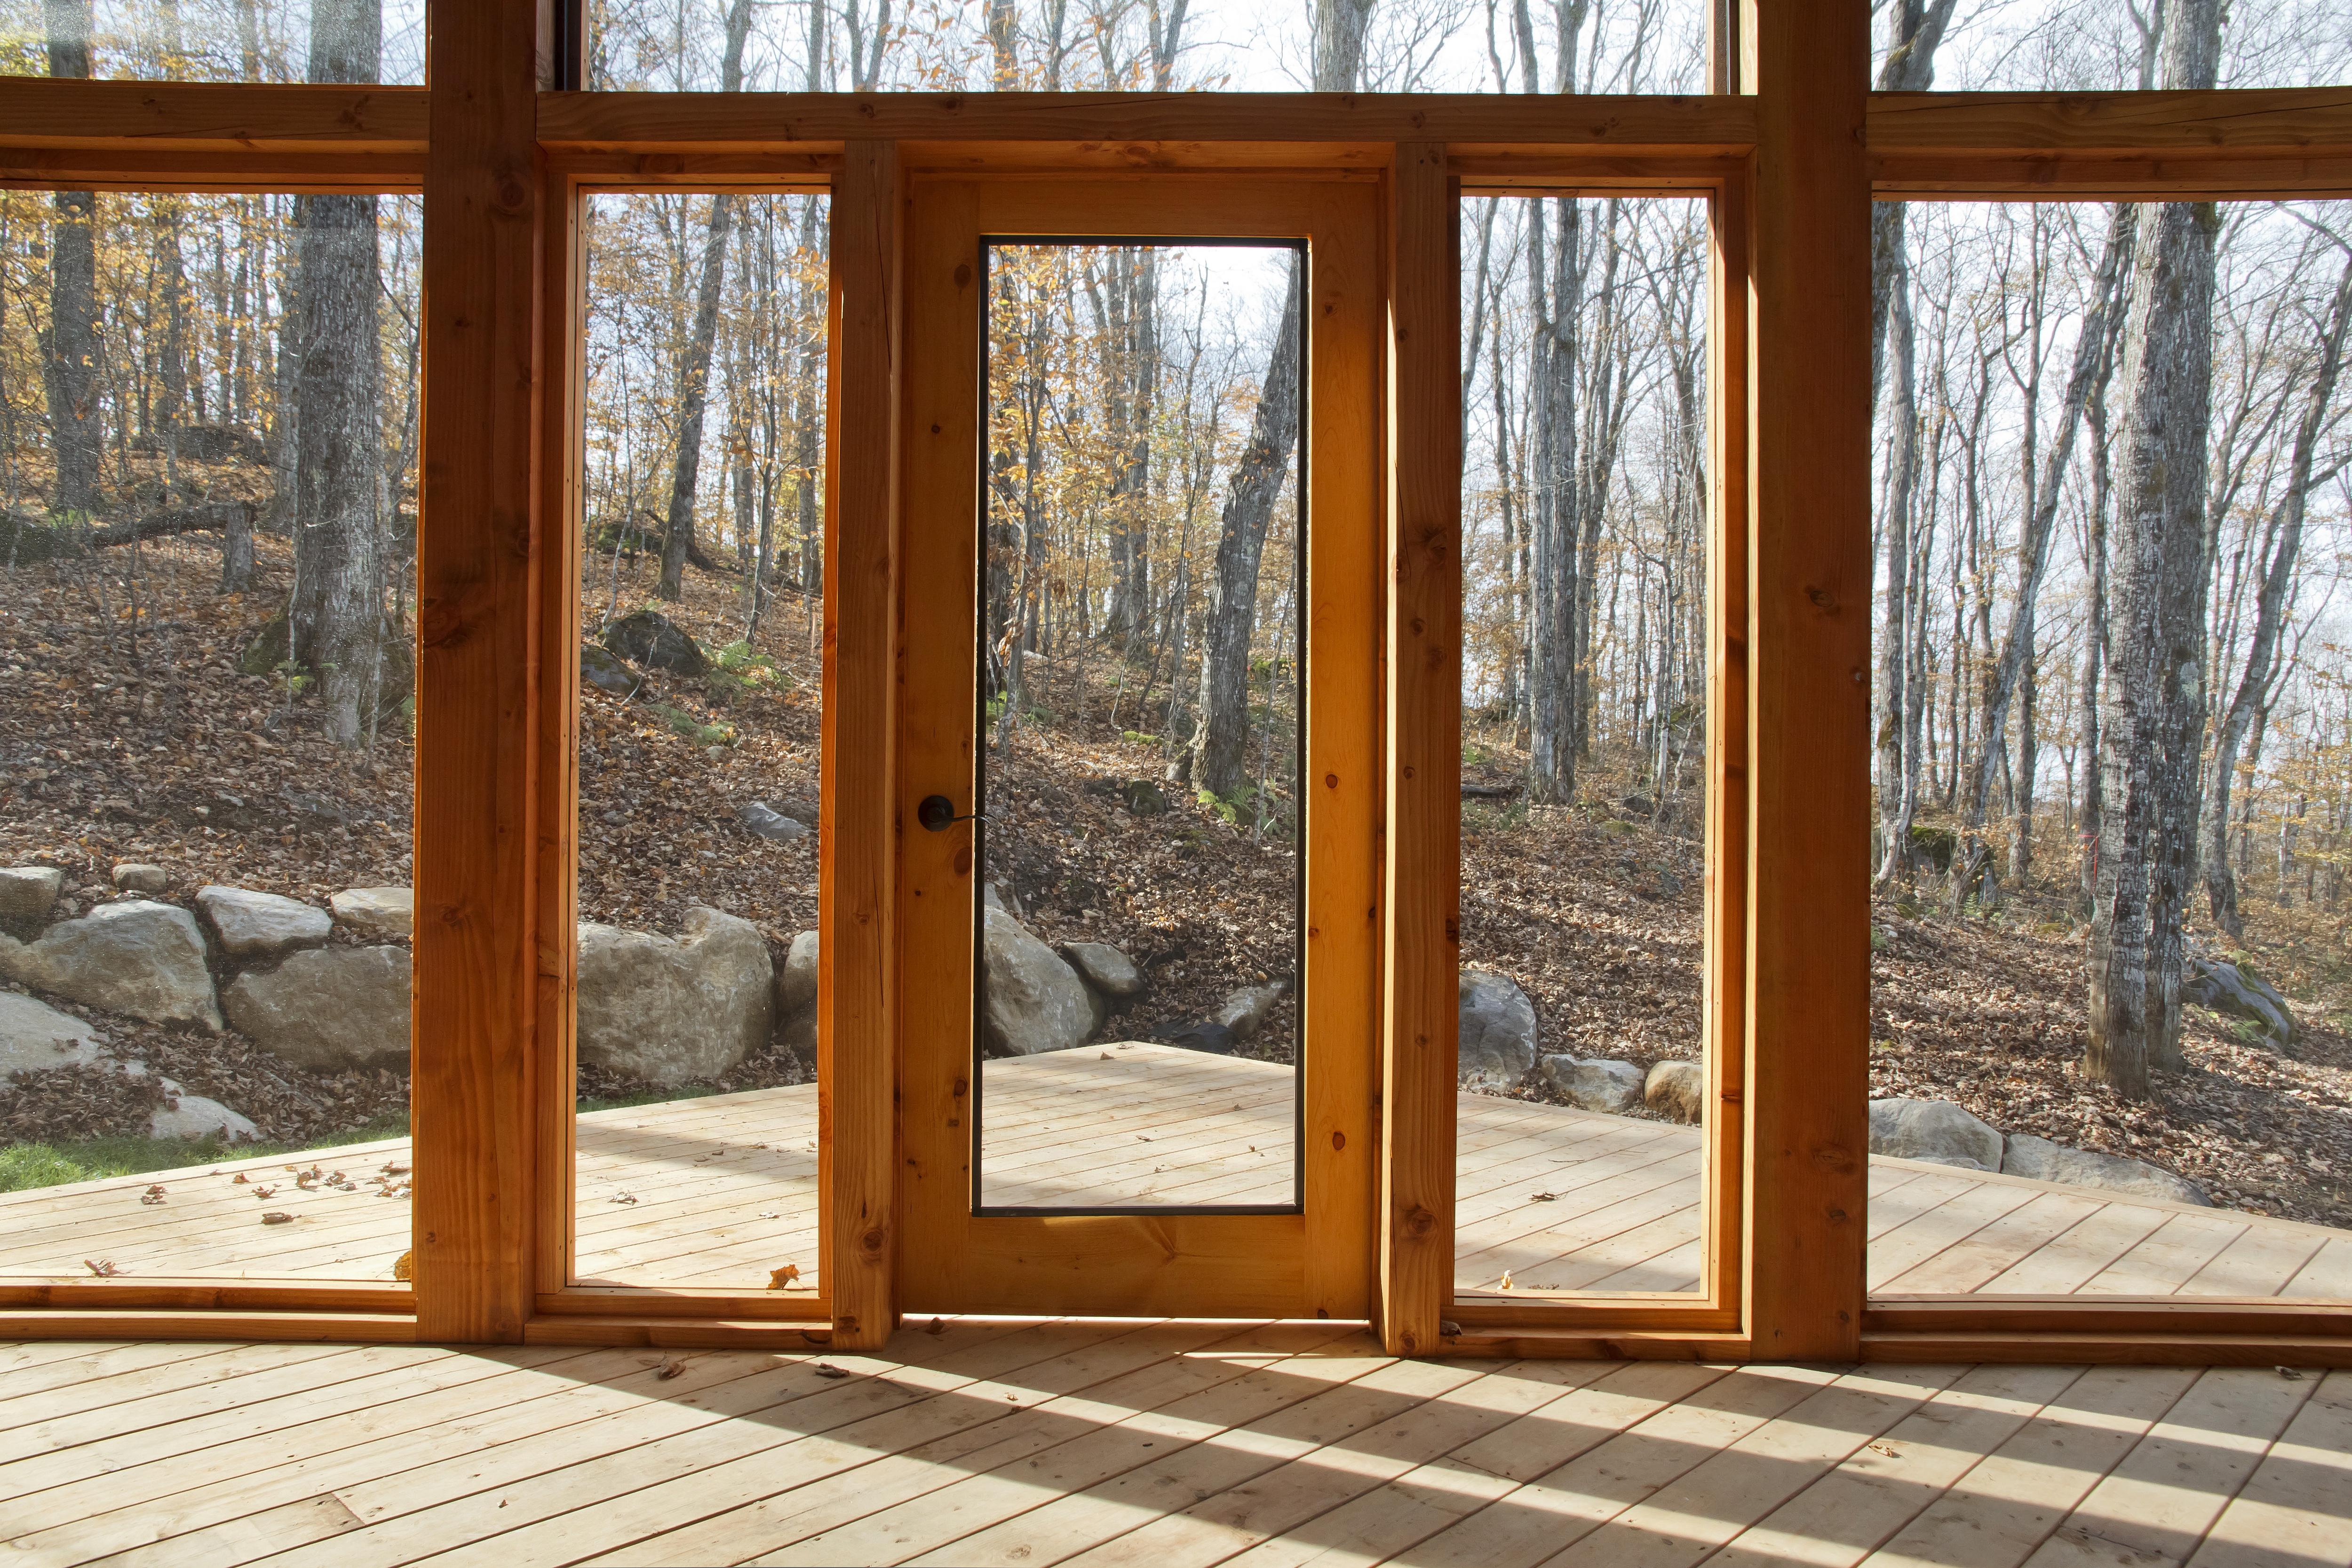 Cout moyen construction maison quebec maison moderne - Cout moyen agrandissement maison ...